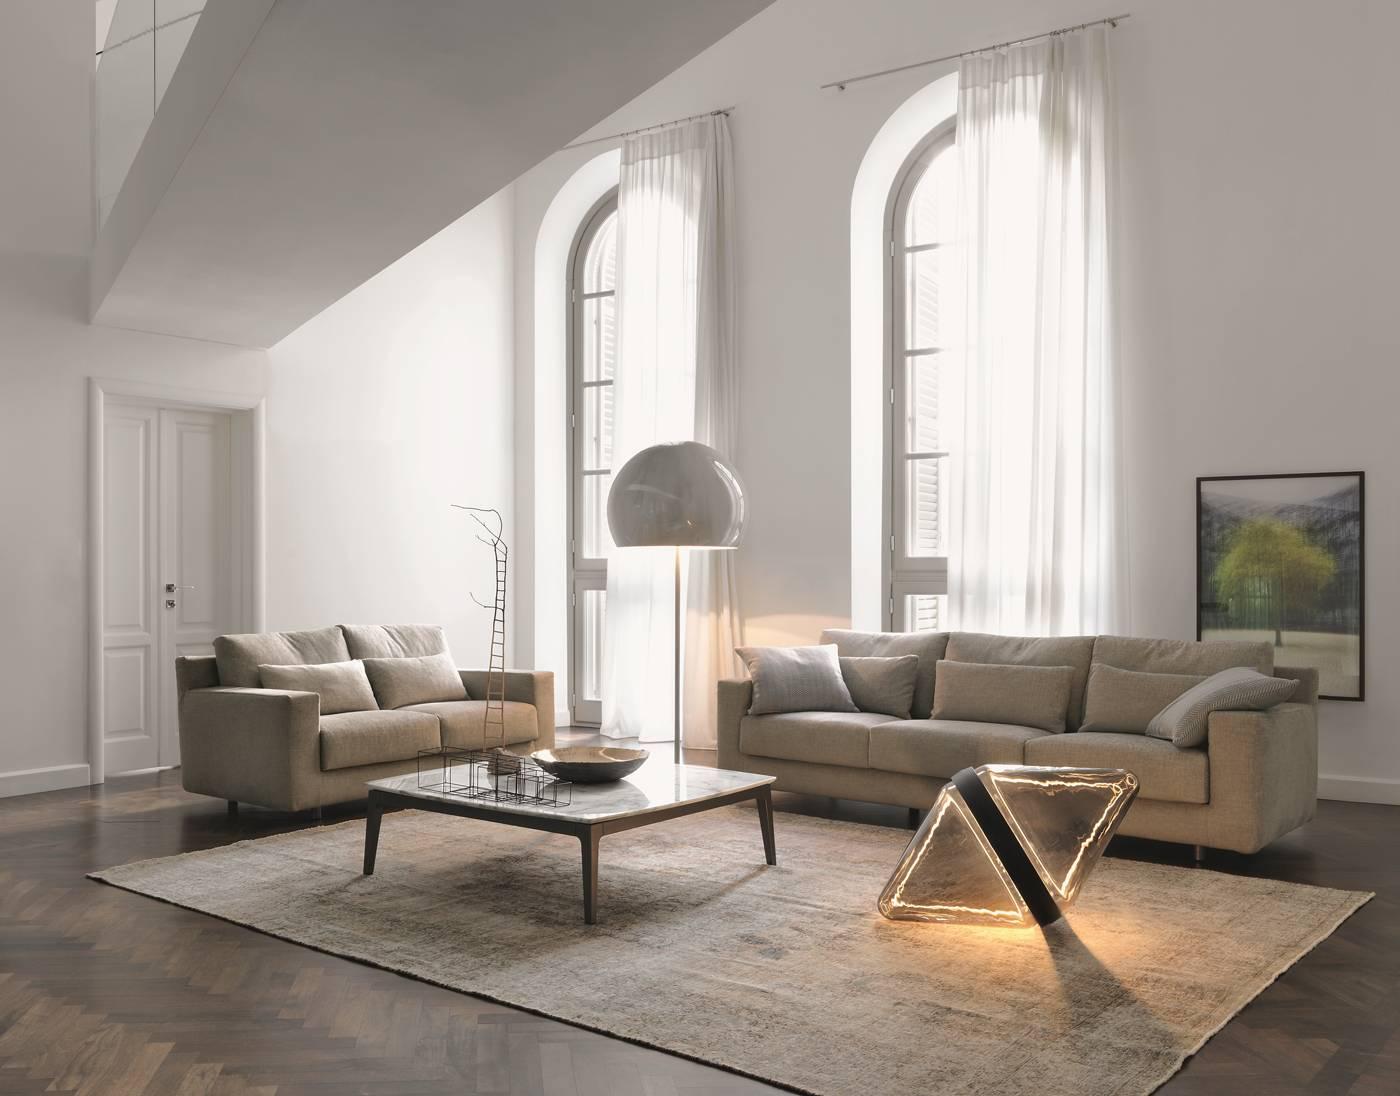 Flou La Reference Confort Et Luxe Idees Deco Meubles Et